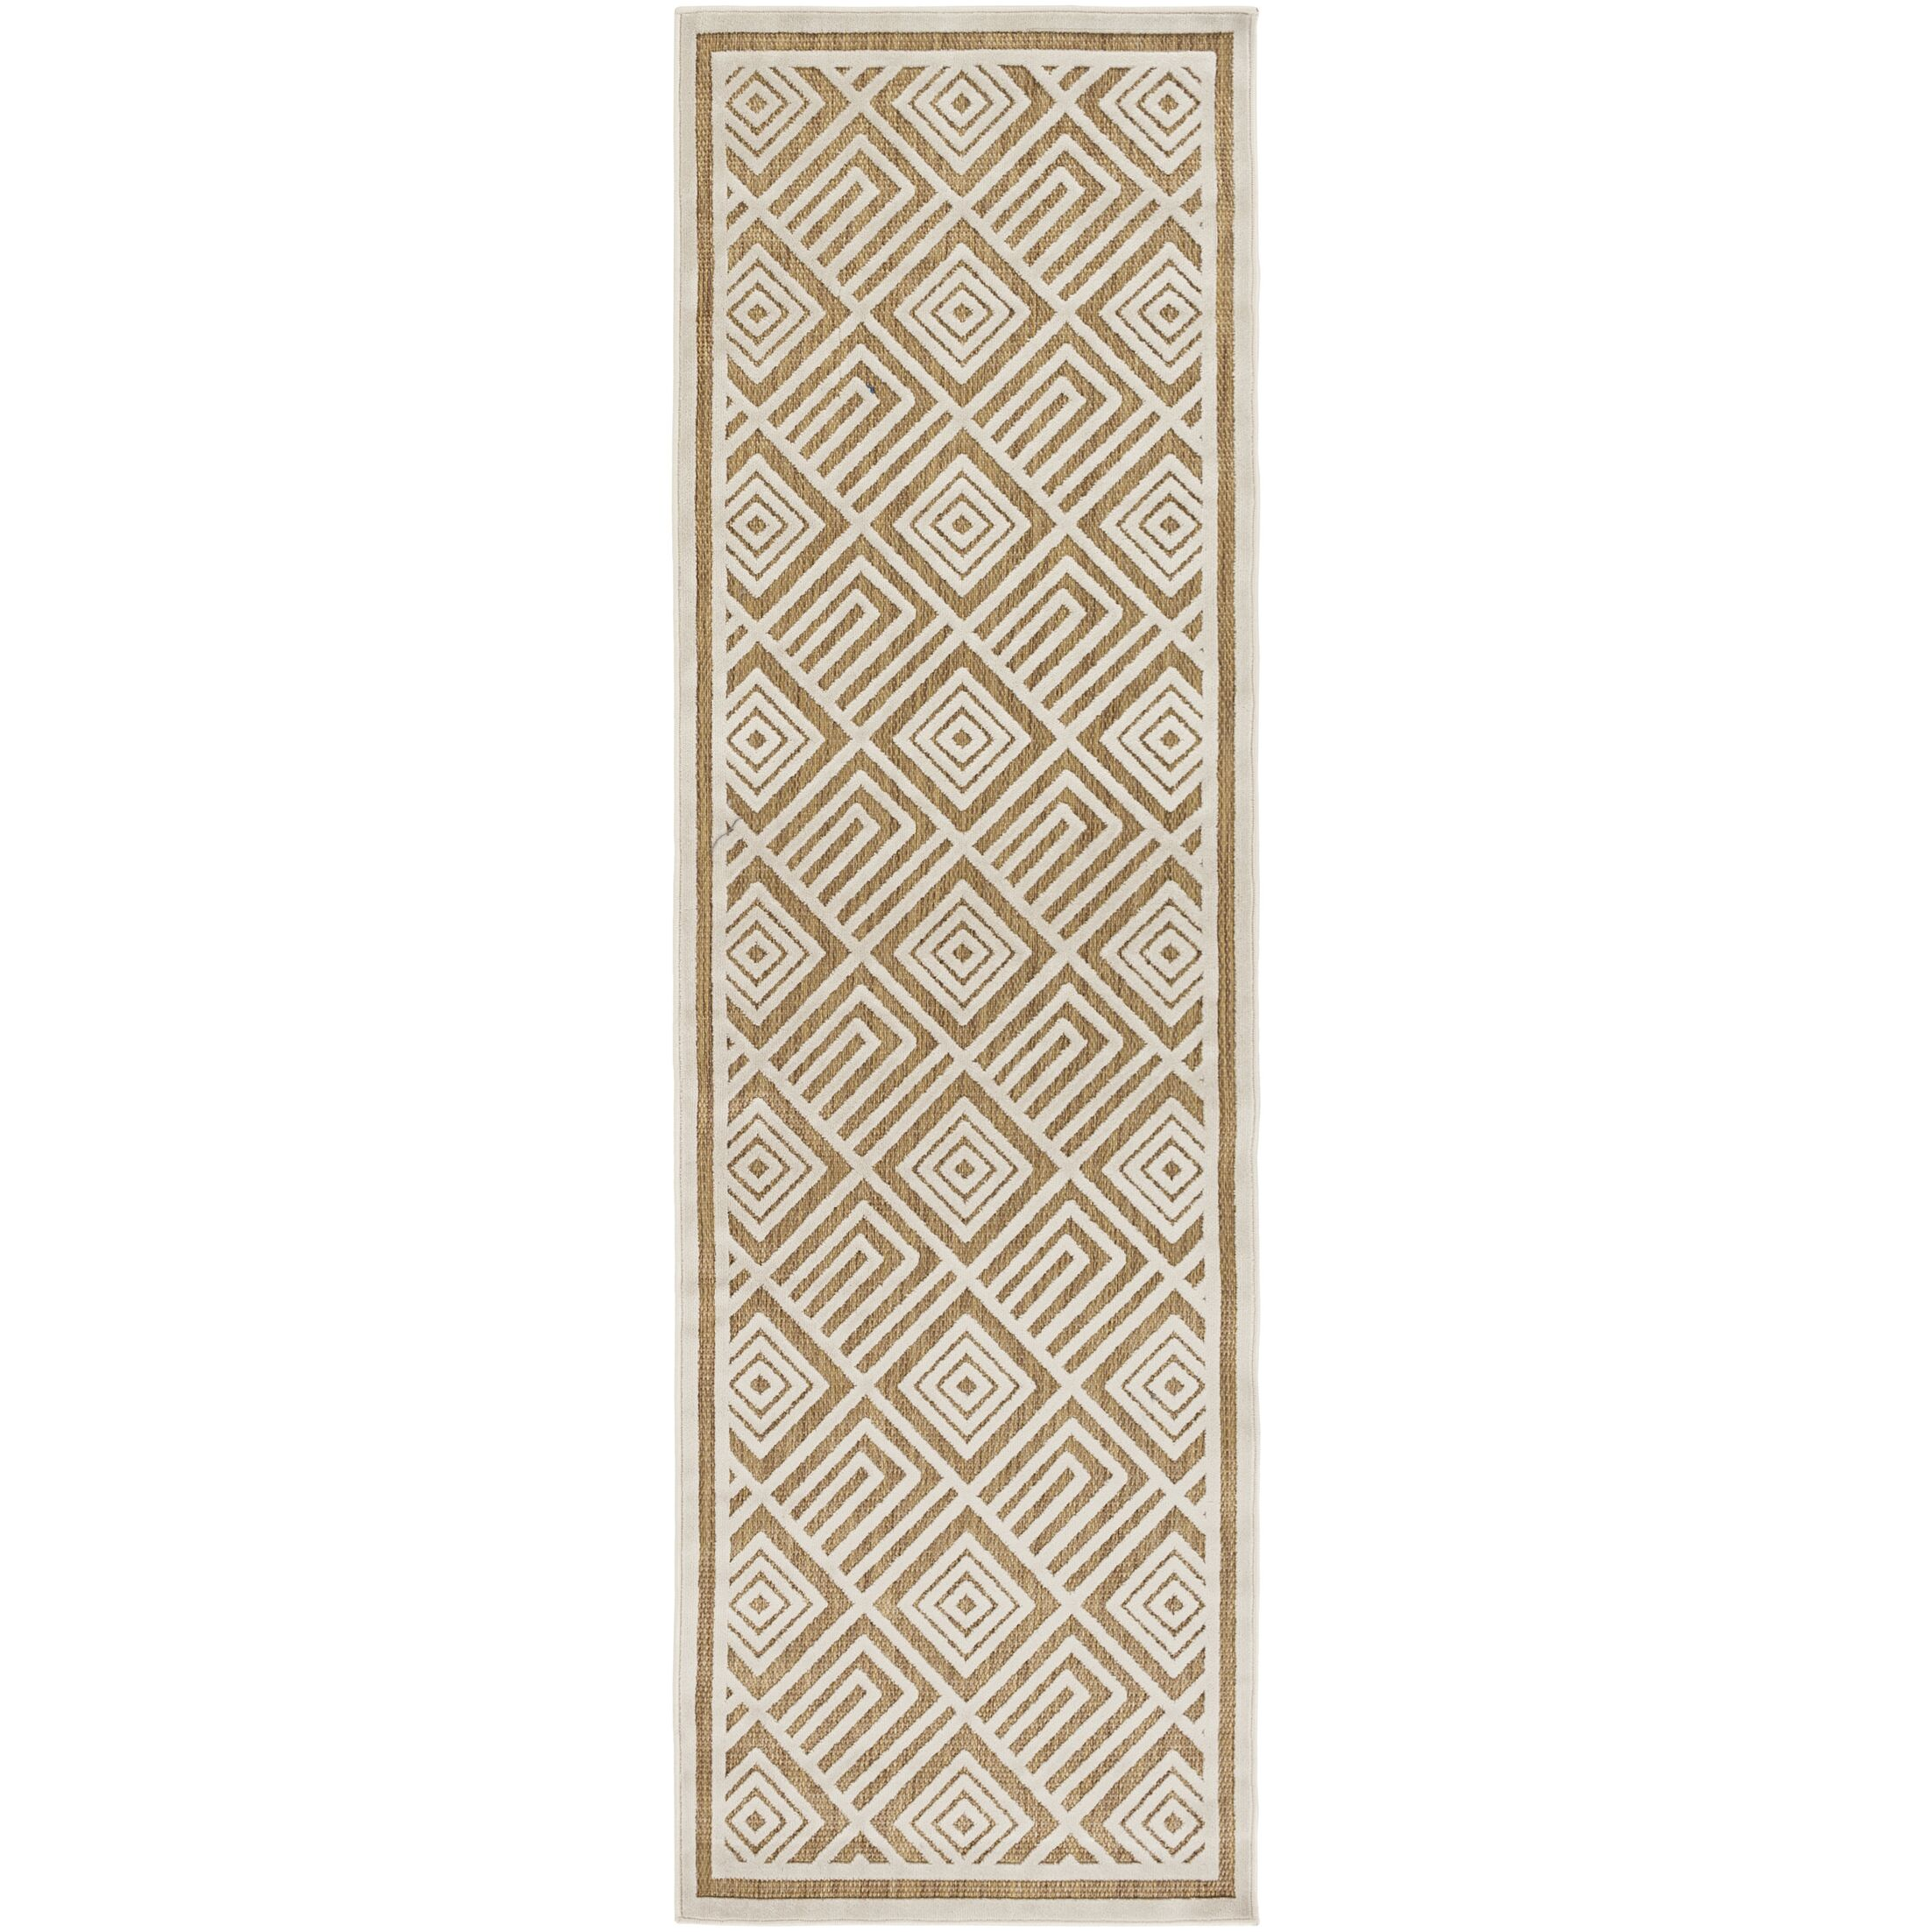 Vassar Ivory/Tan Indoor/Outdoor Area Rug Rug Size: Rectangle 8'8